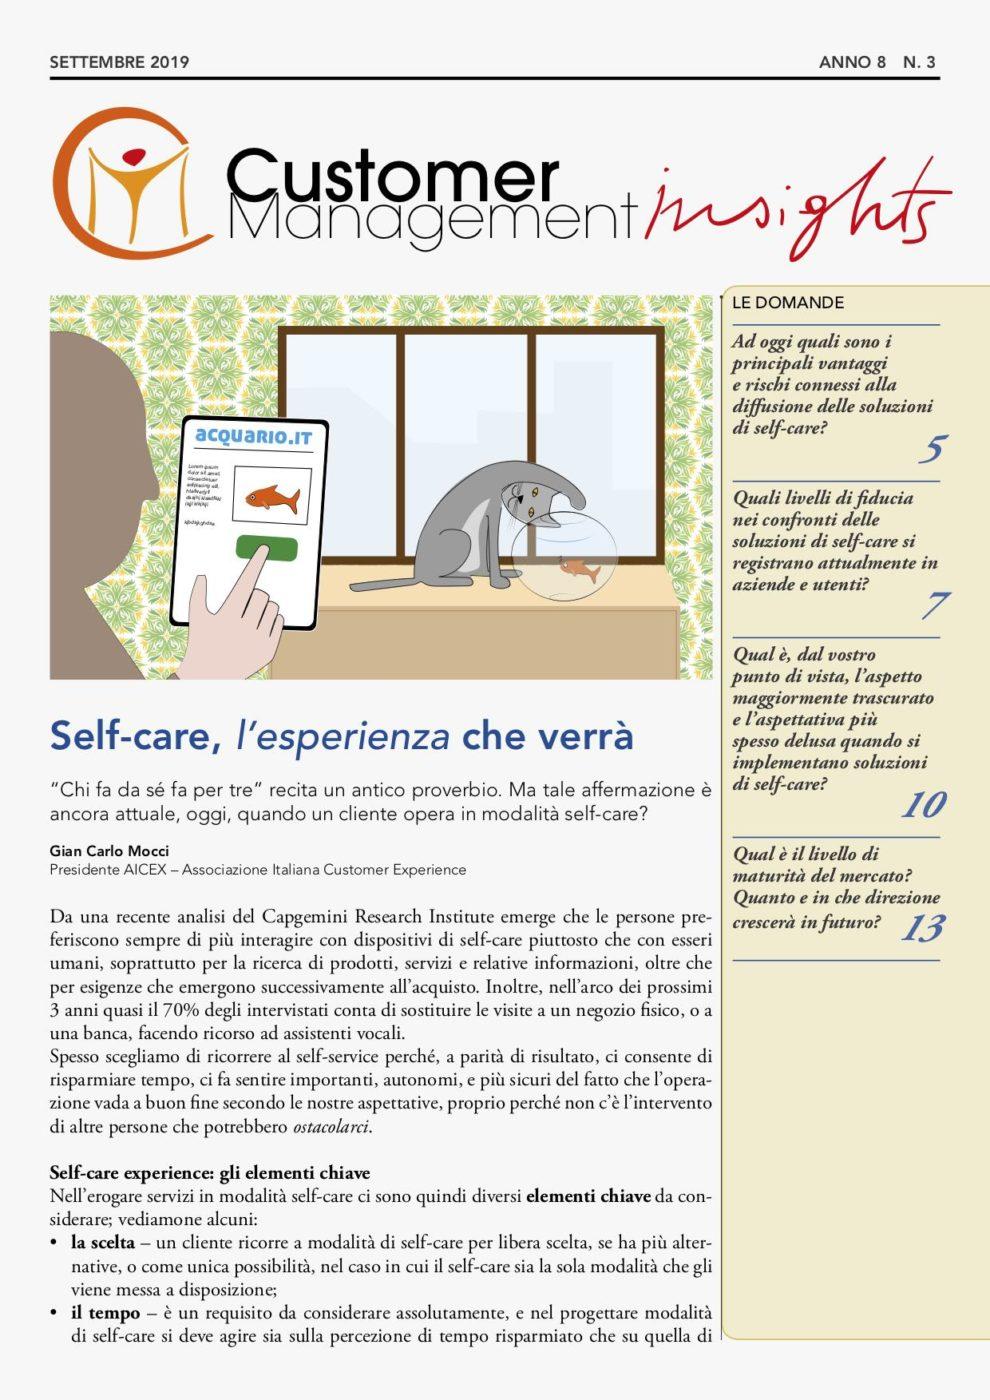 Self-care: gli strumenti per una CX ottimale – CMI anno 8 n. 3